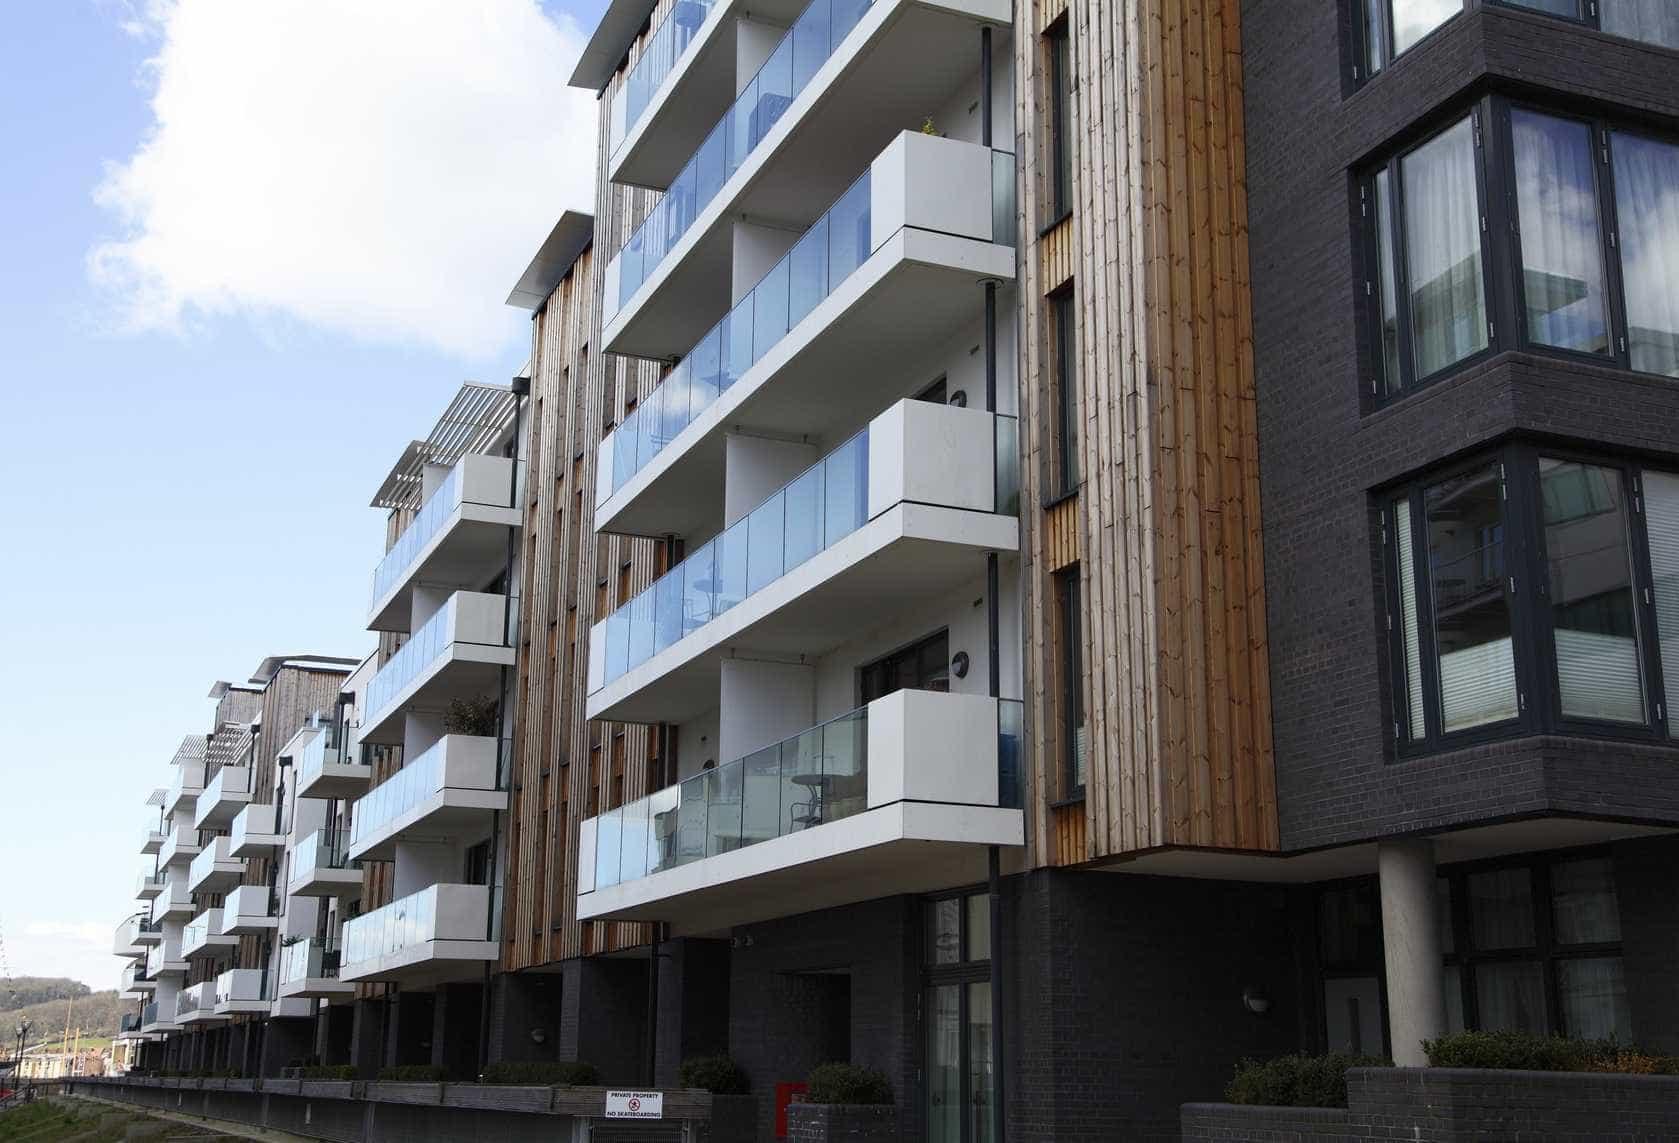 Licenças para habitações batem em 2018 máximo dos últimos 8 anos